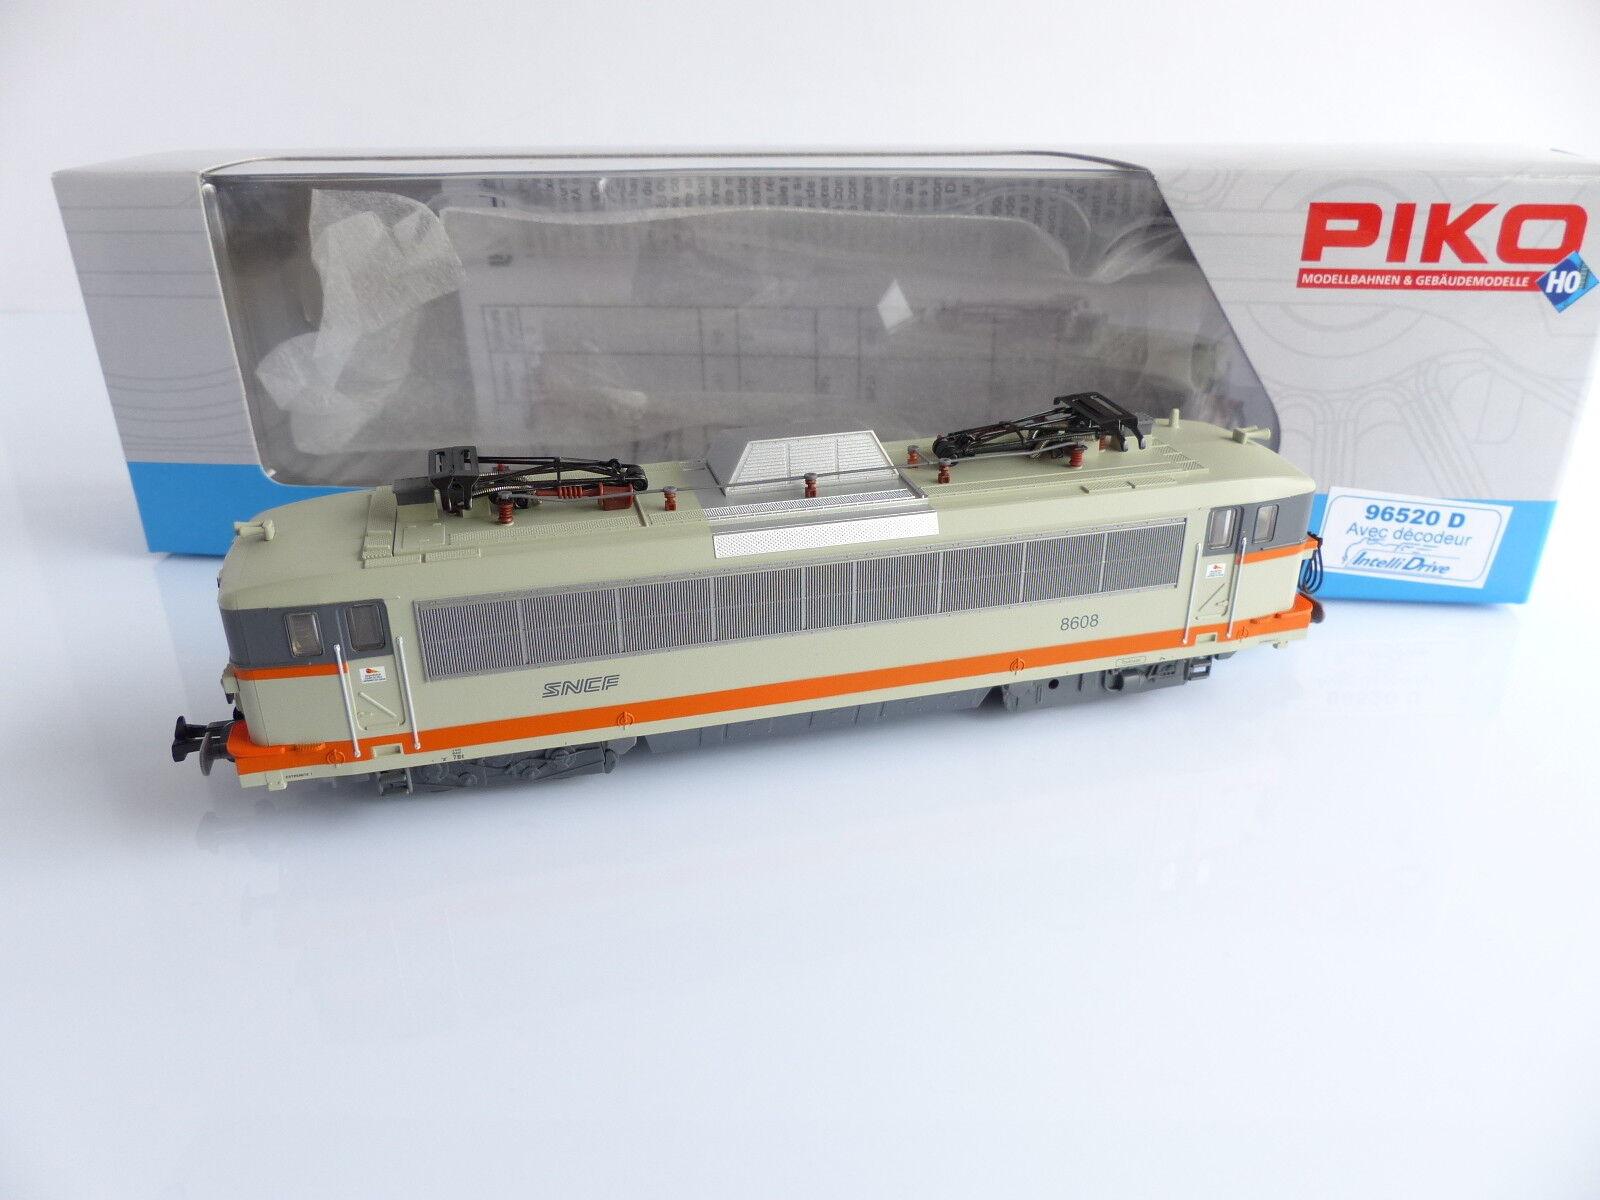 calidad fantástica PIKO 96520 D LOCOMOTIVE ELECTRIQUE BB 8608 8608 8608 LIVREE BETON DEPOT TOULOUSE DIGITALE  a la venta